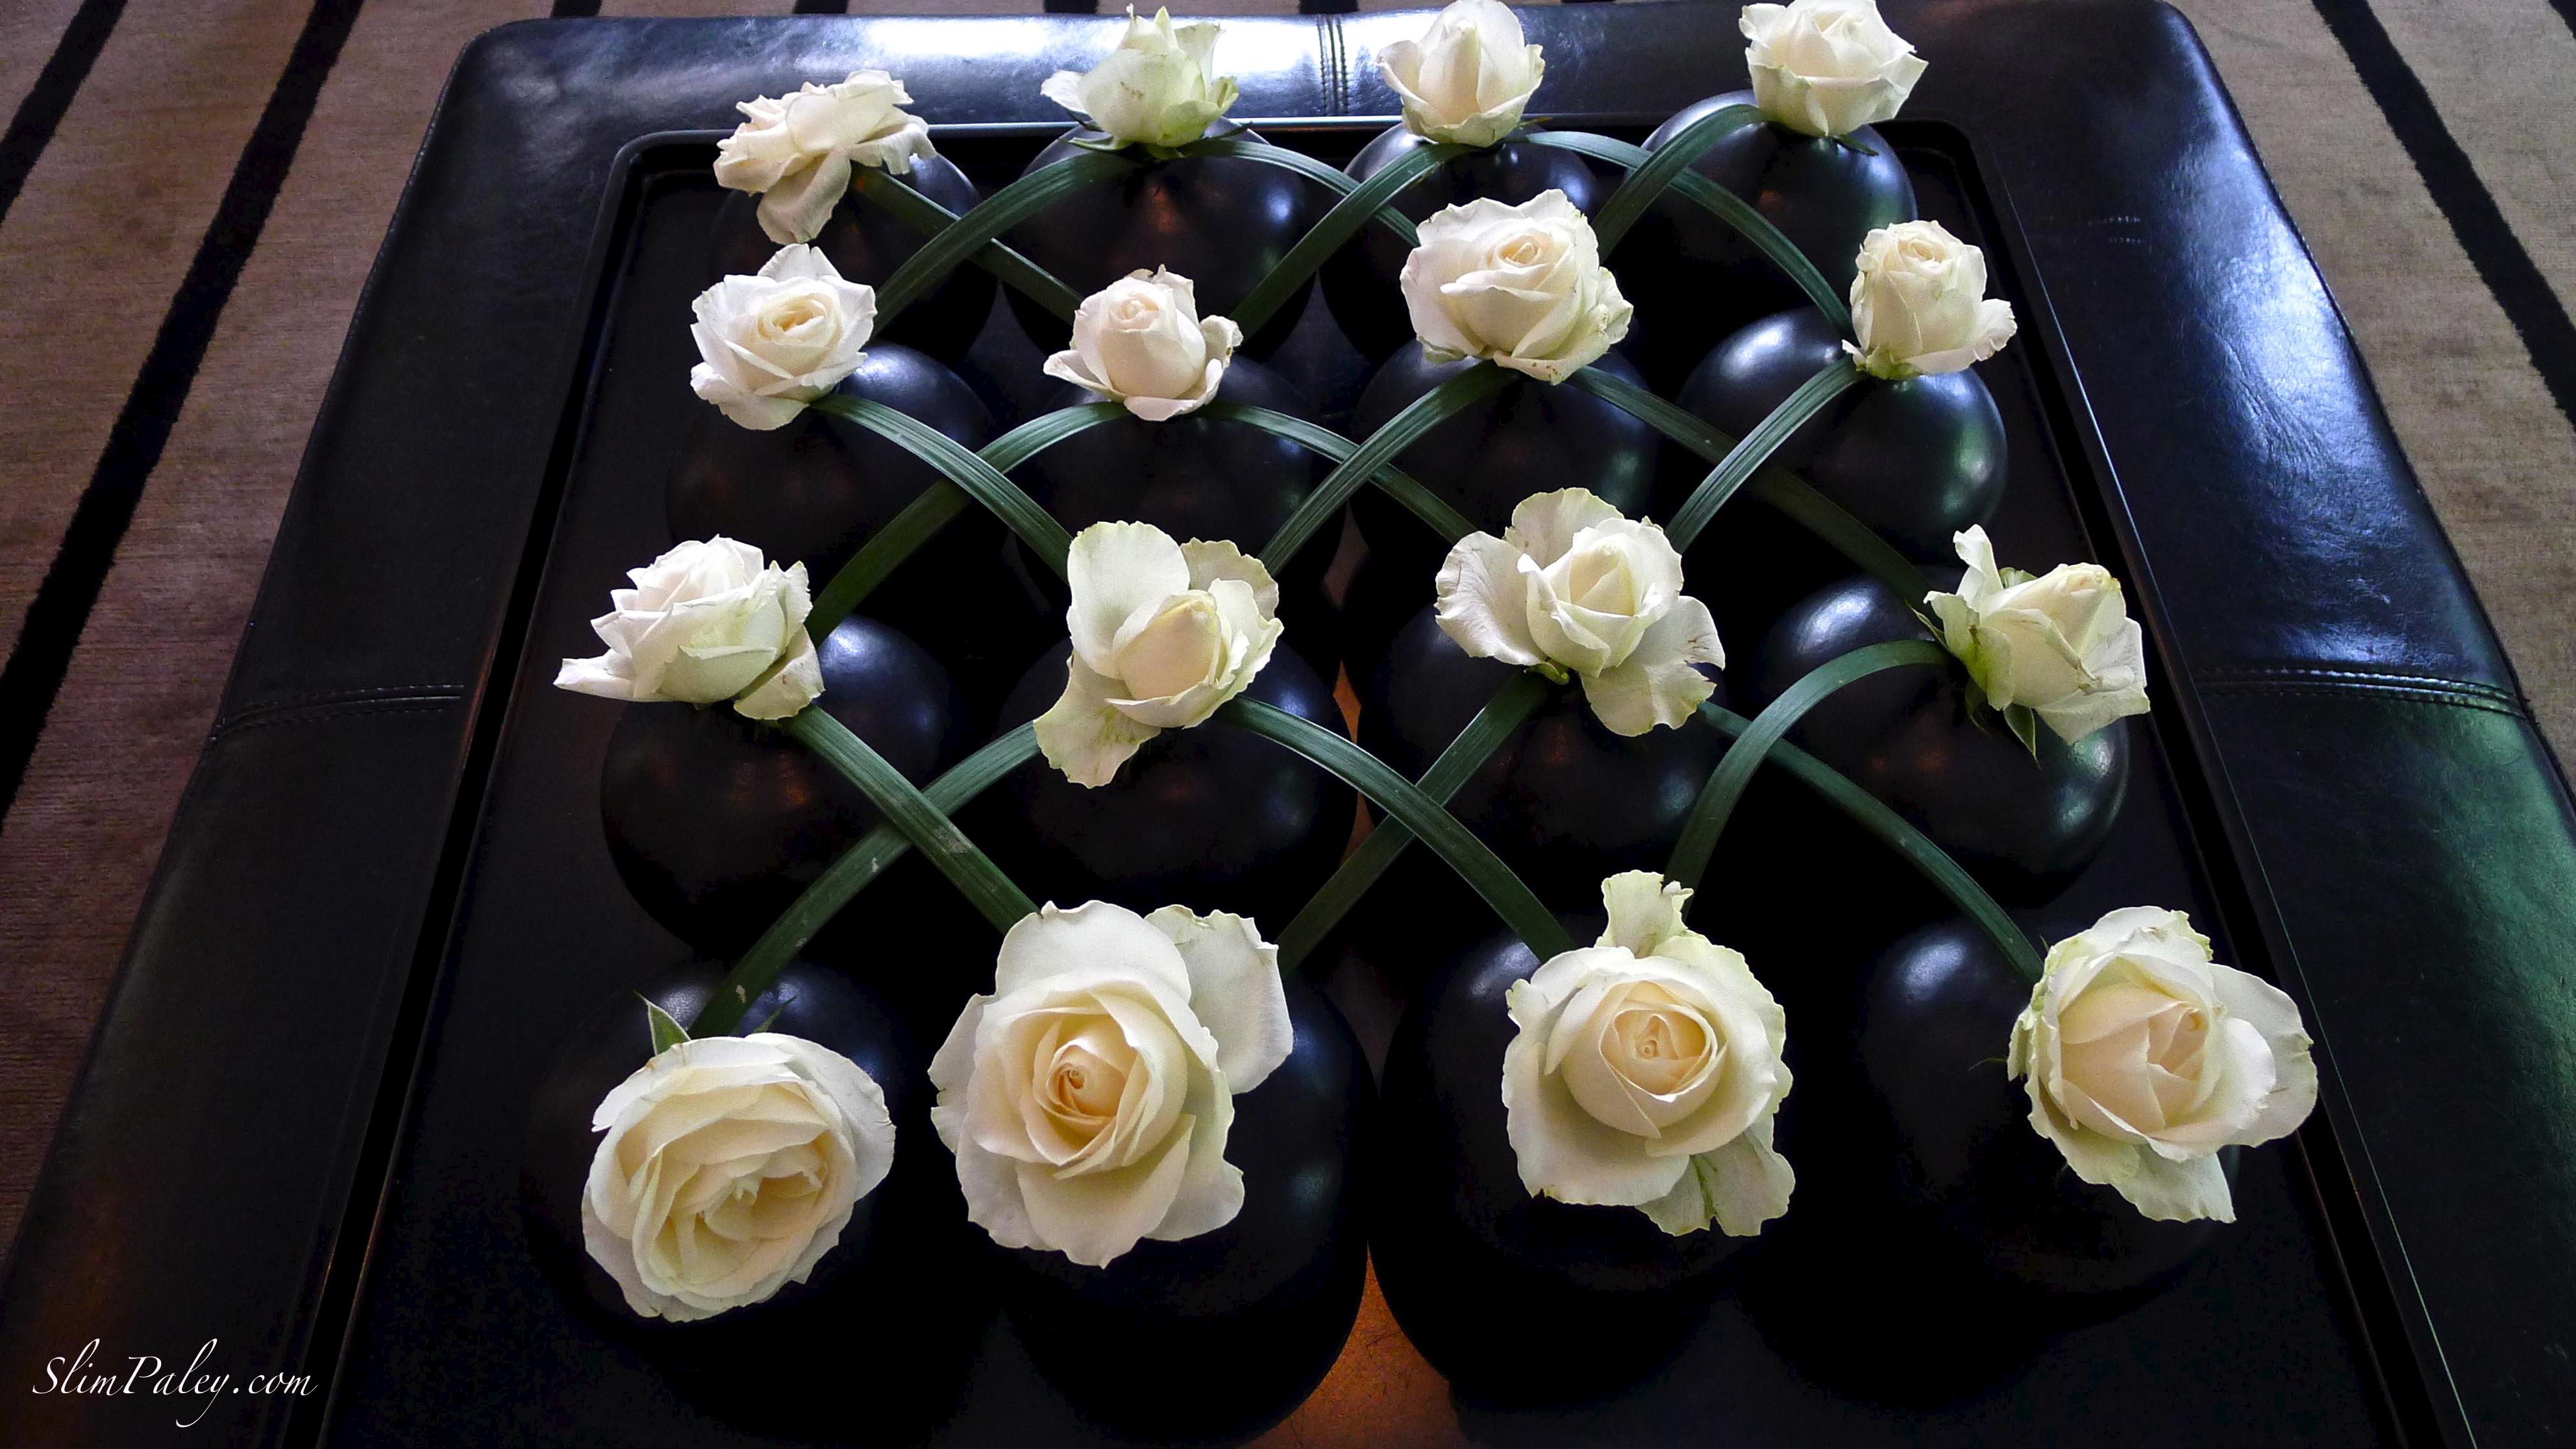 white roses in black vases, Slim Paley photo, Sri Lanka